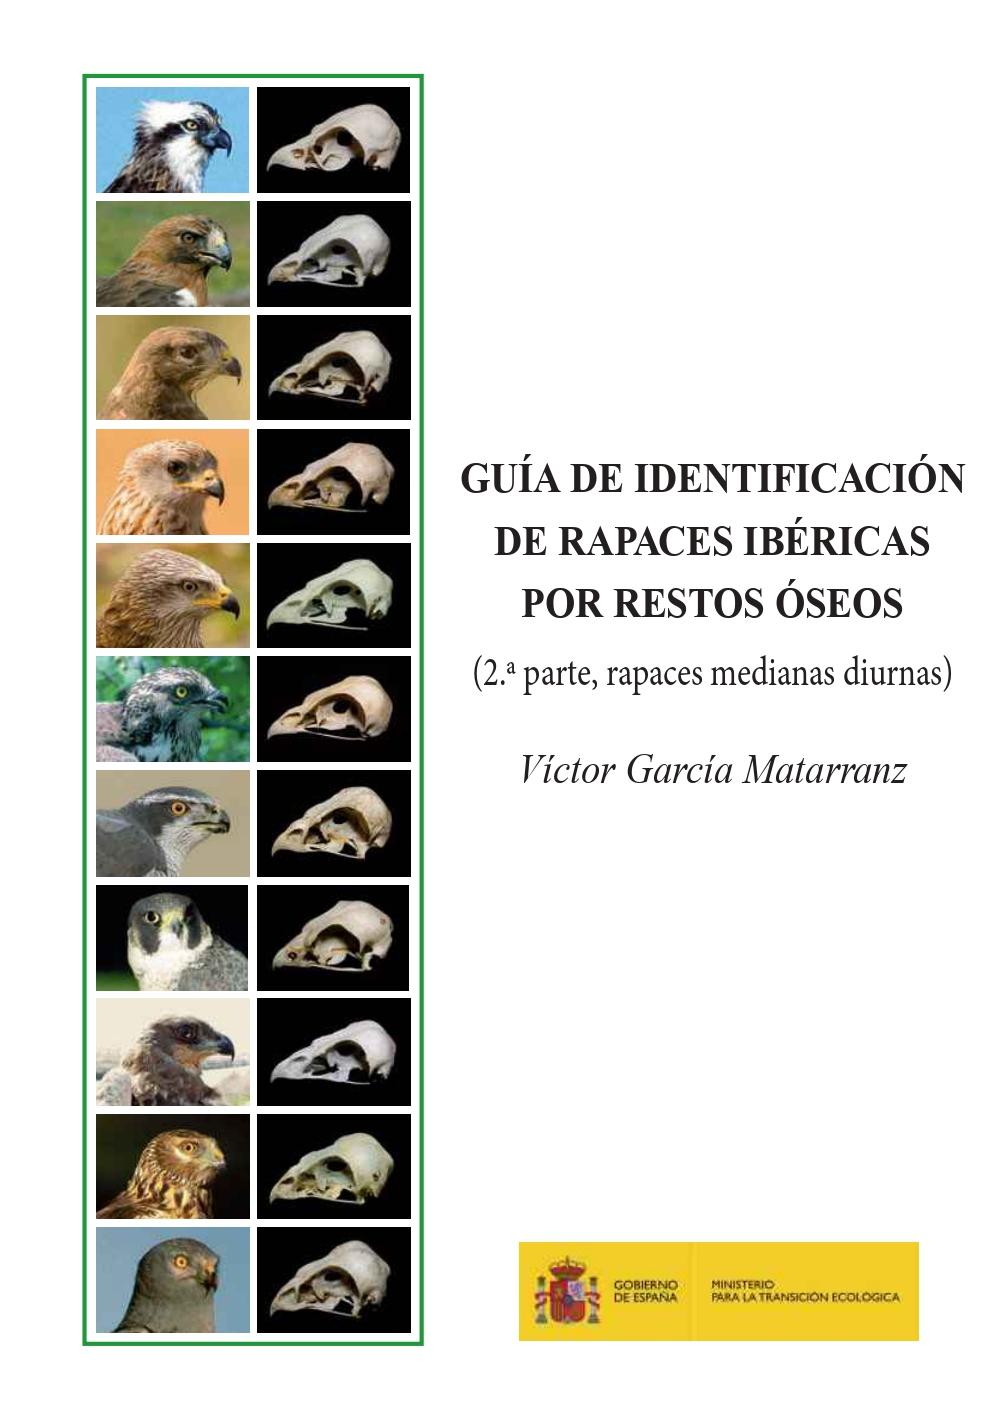 Portada Guía de identificación de los restos óseos de las rapaces ibéricas (2ª parte)